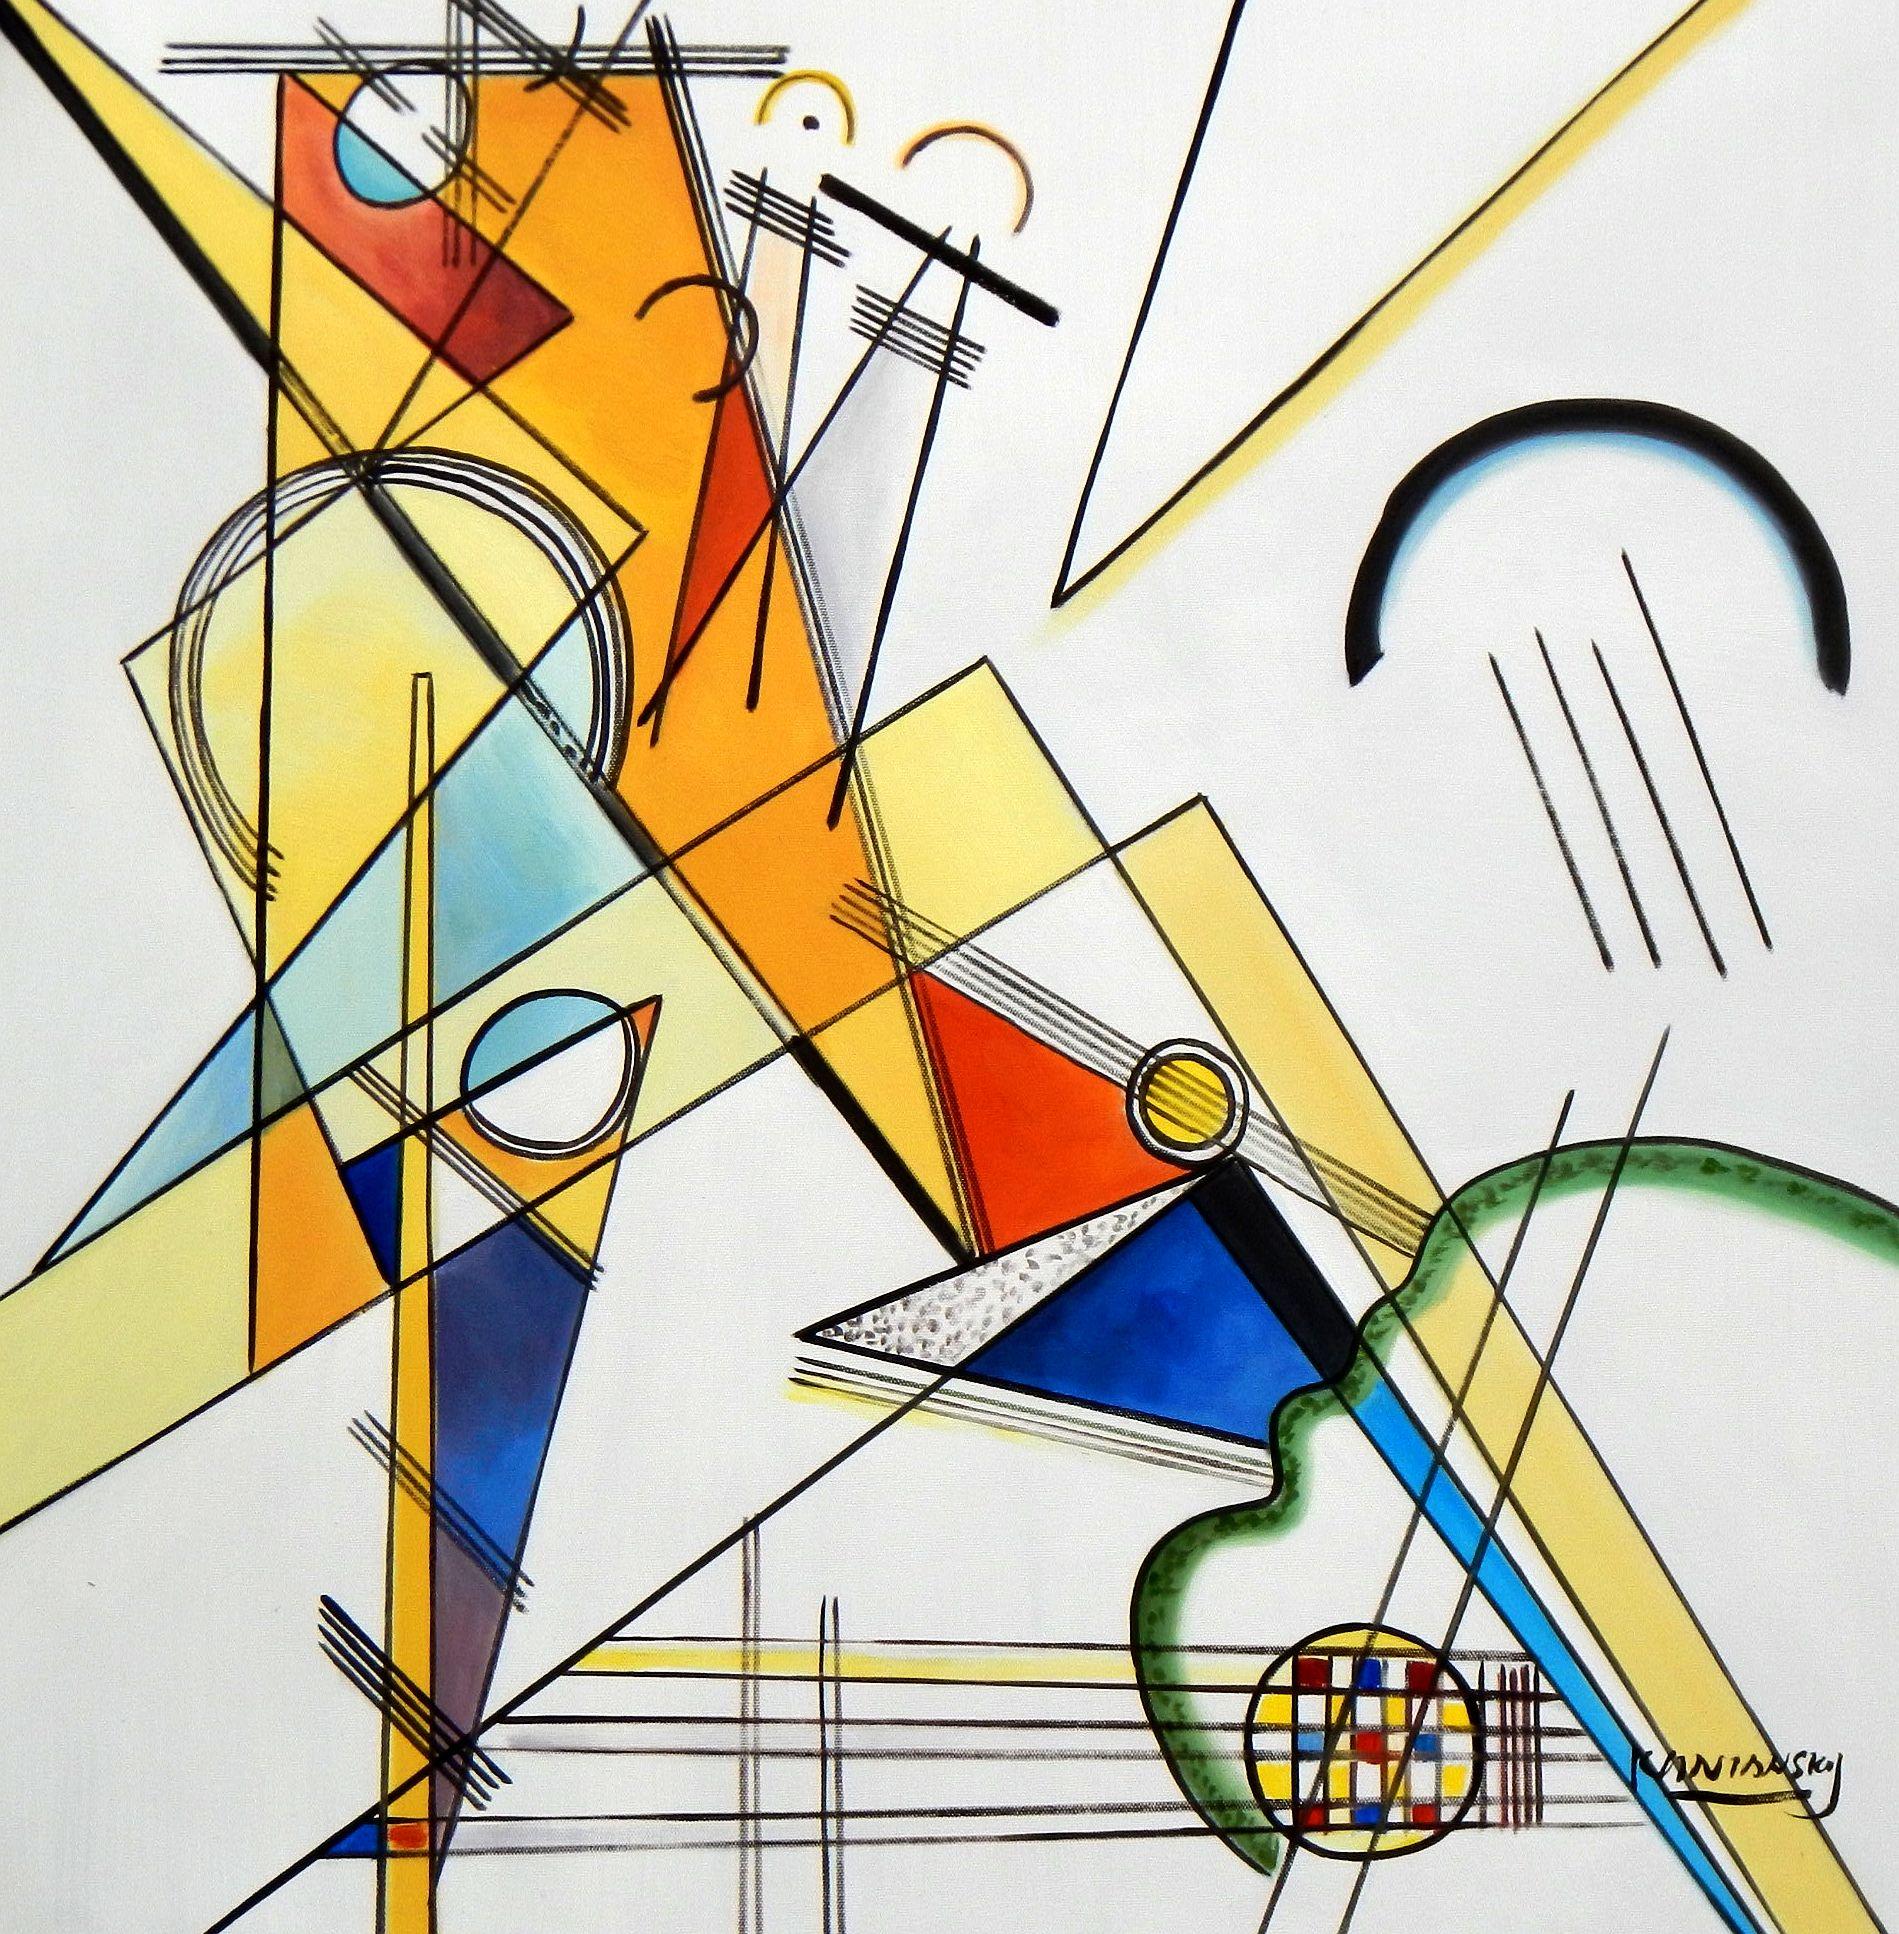 Wassily Kandinsky - Gewebe e94621 60x60cm beeindruckendes Ölbild